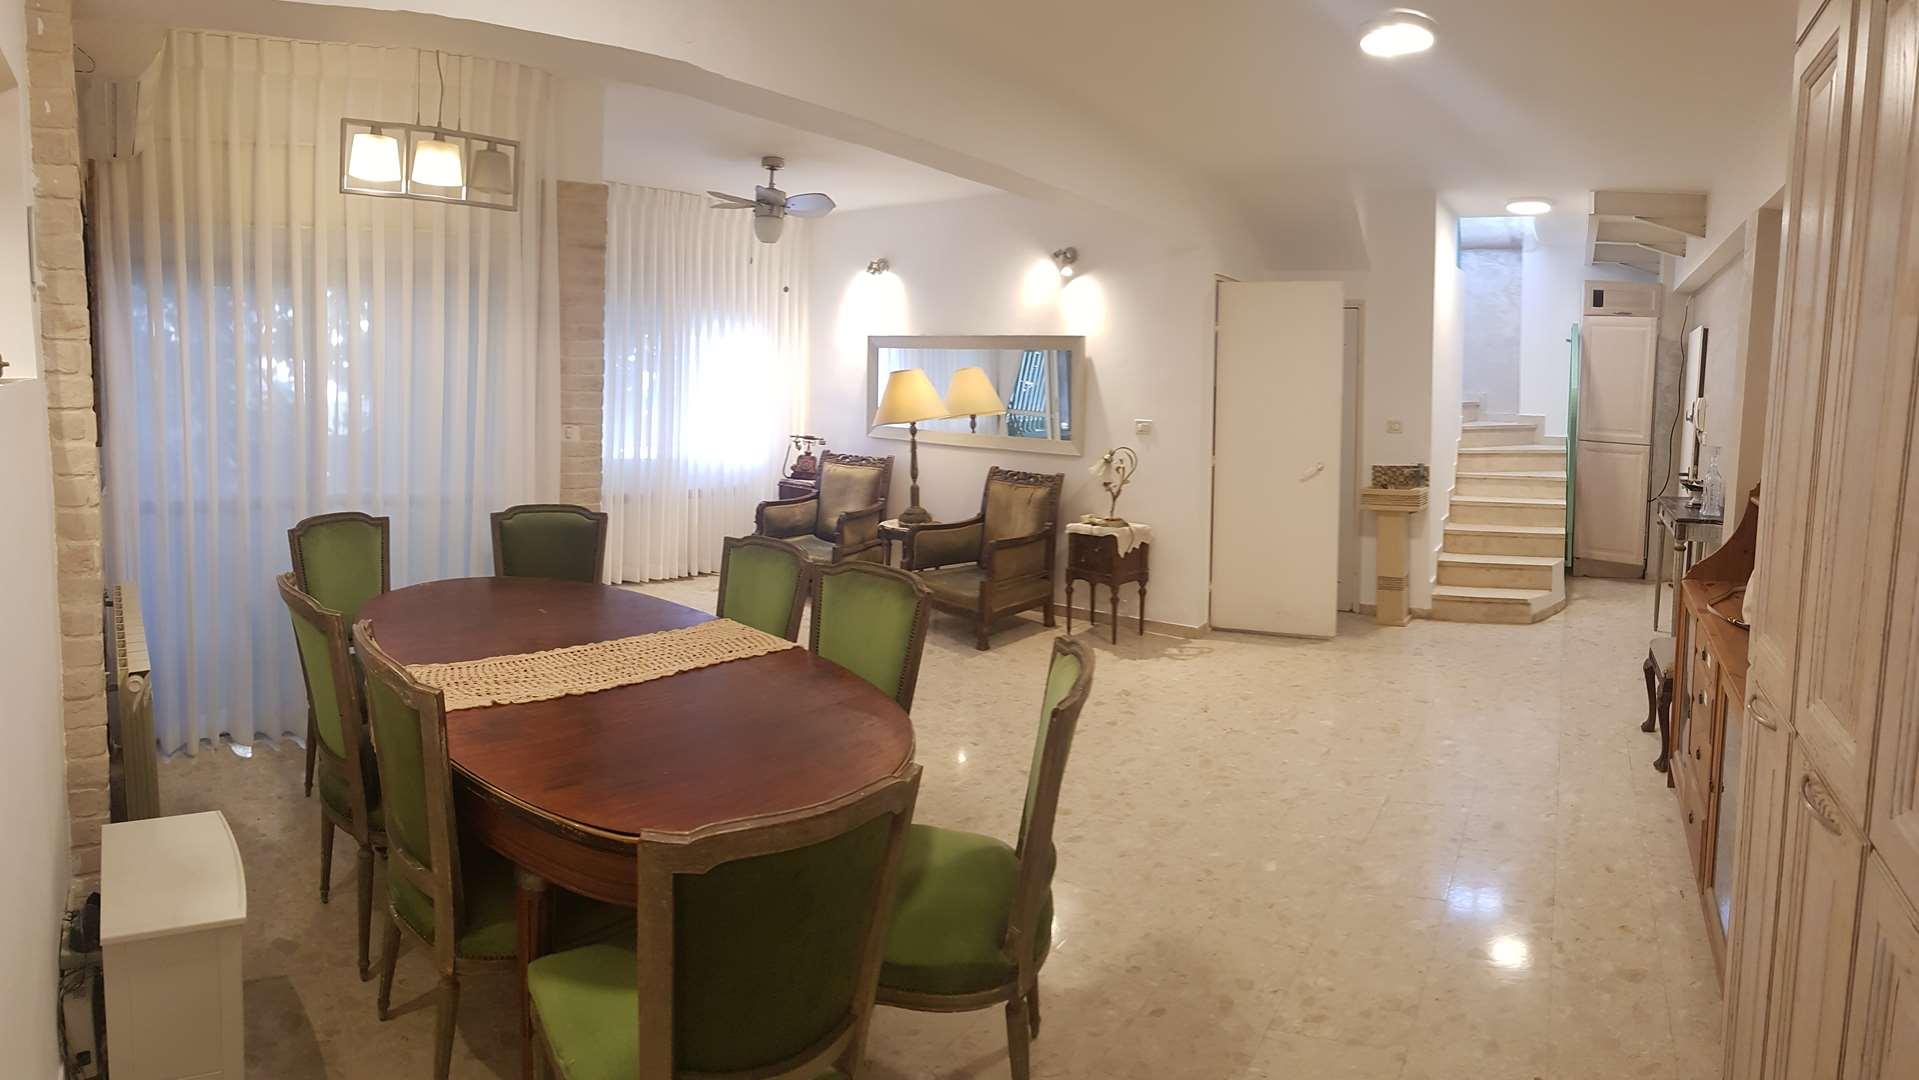 טריפלקס להשכרה 7 חדרים ביירושלים נקדימון קטמון הישנה